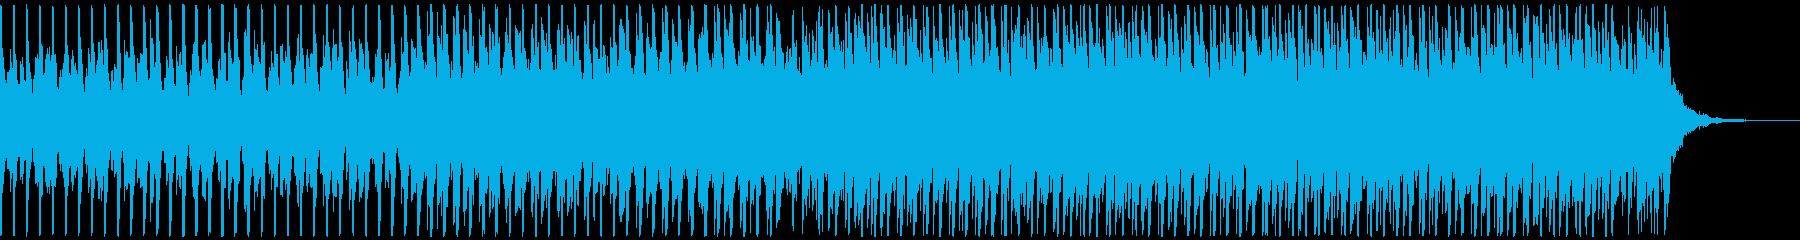 高揚感あふれるポップ(ミディアム)の再生済みの波形